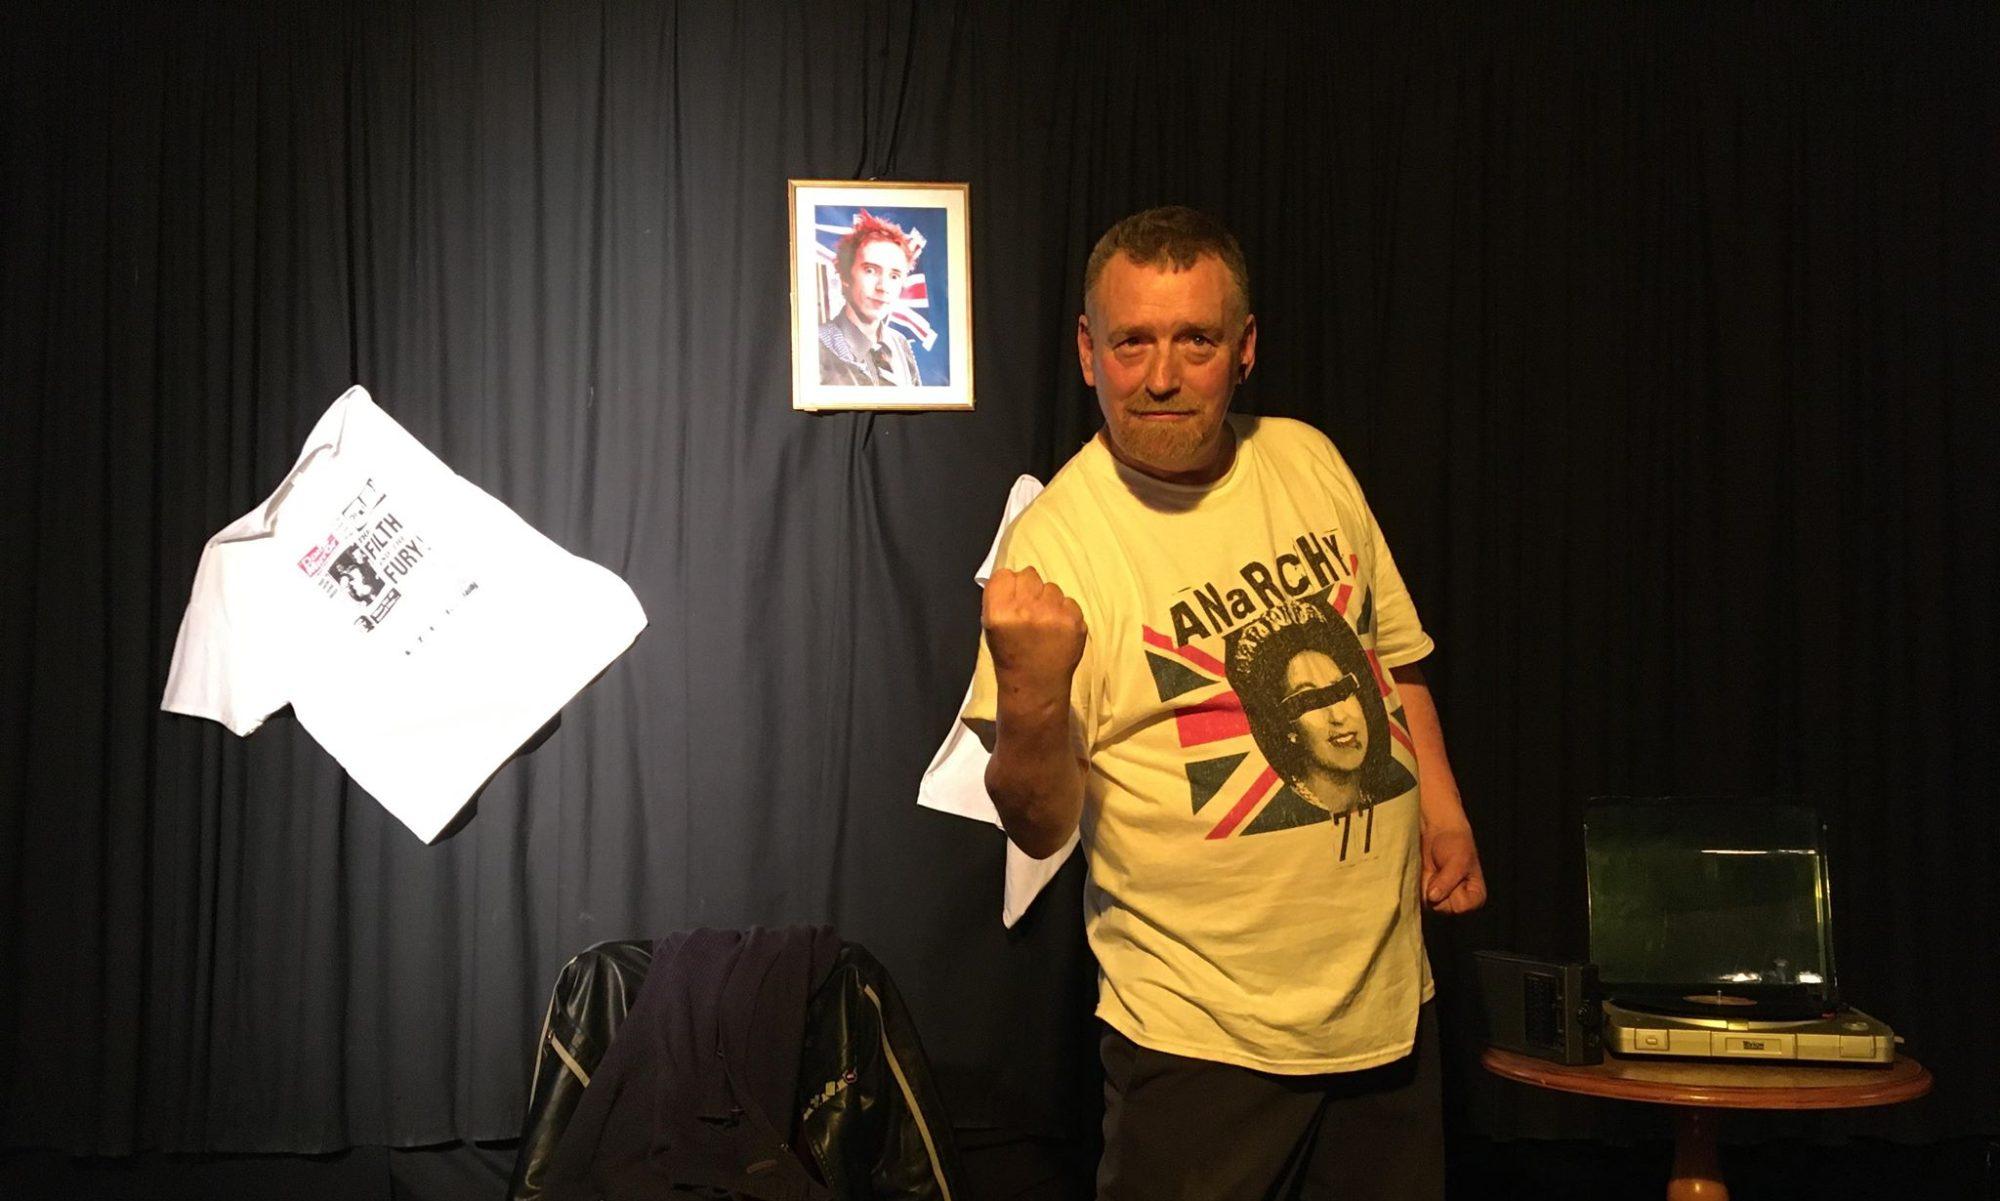 www.Ballycartoon.com